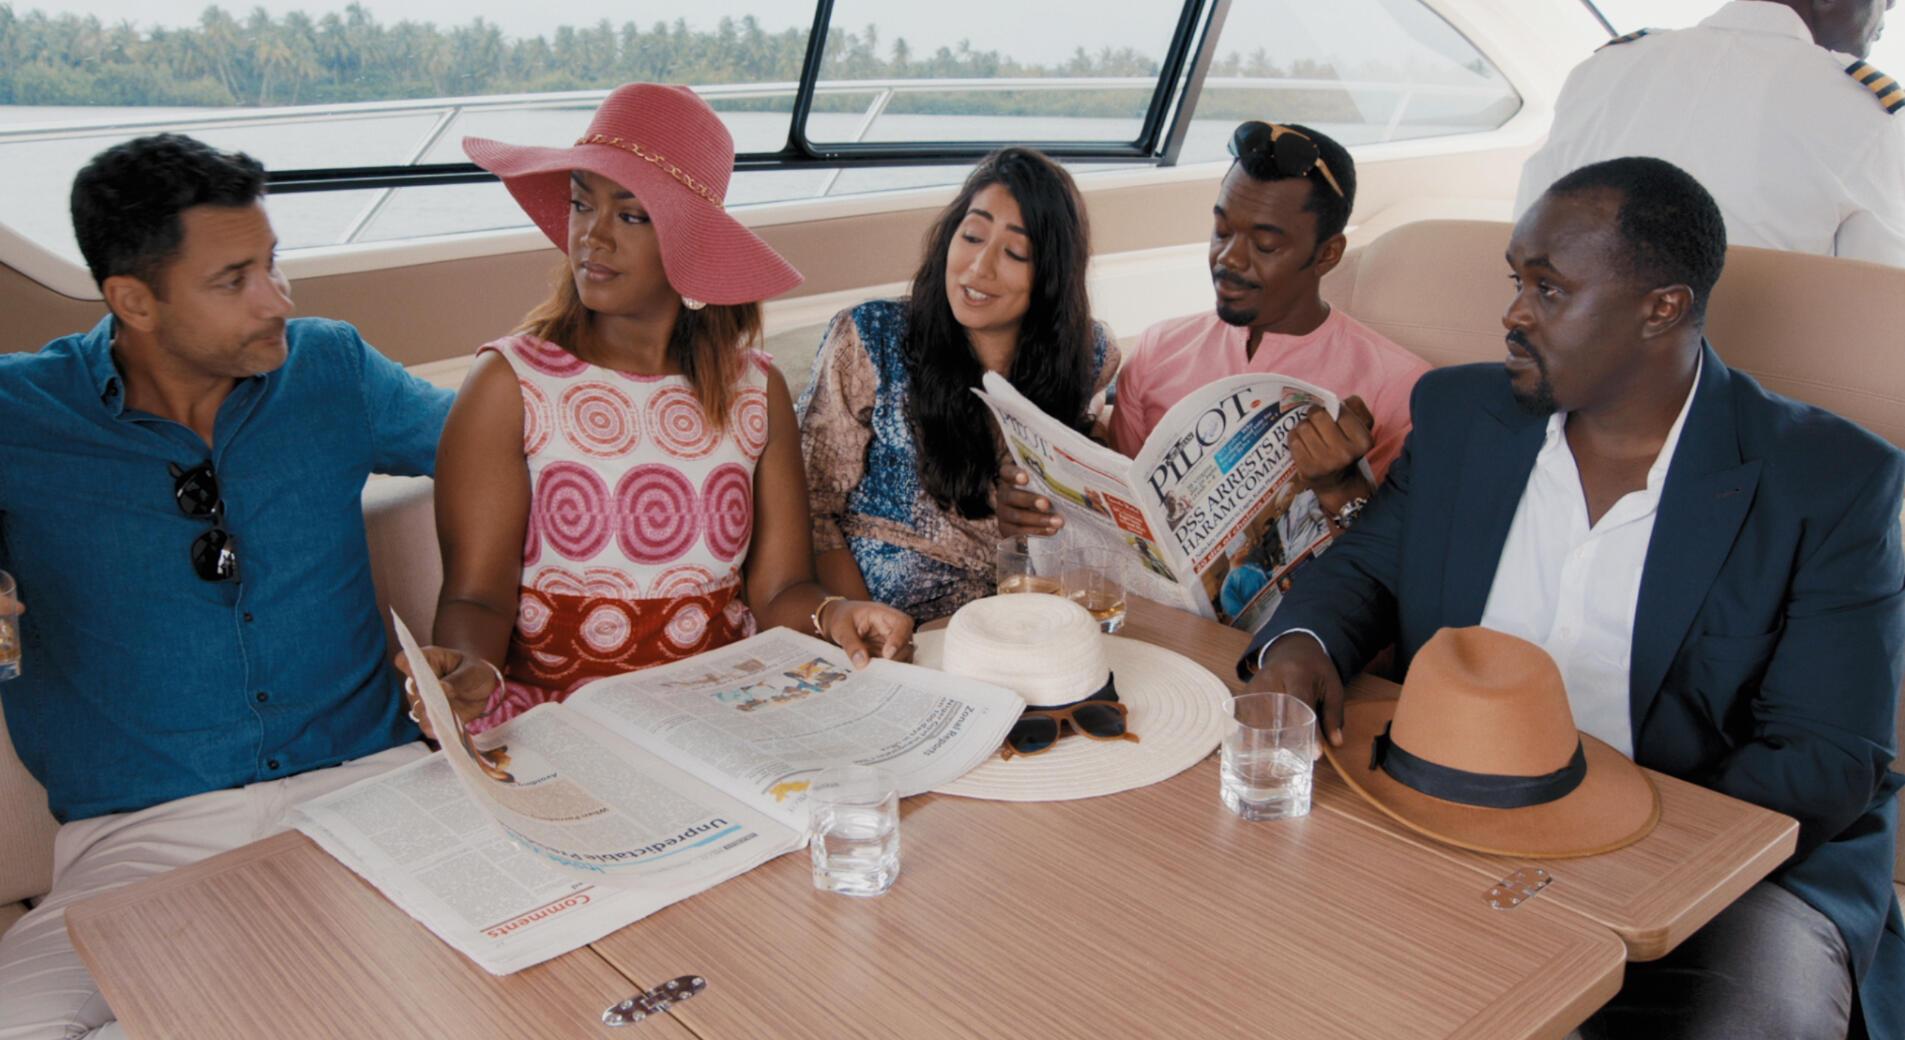 L'acteur Wale Ojo feuillette le journal dans « The CEO », un film panafricain réalisé par le Nigérian Kunle Afolayan.